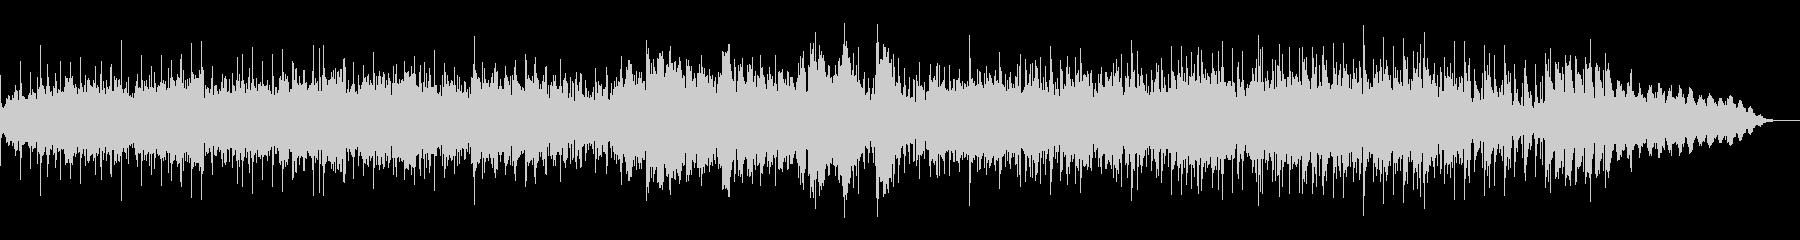 実験音楽的なアンビエントIDMの未再生の波形